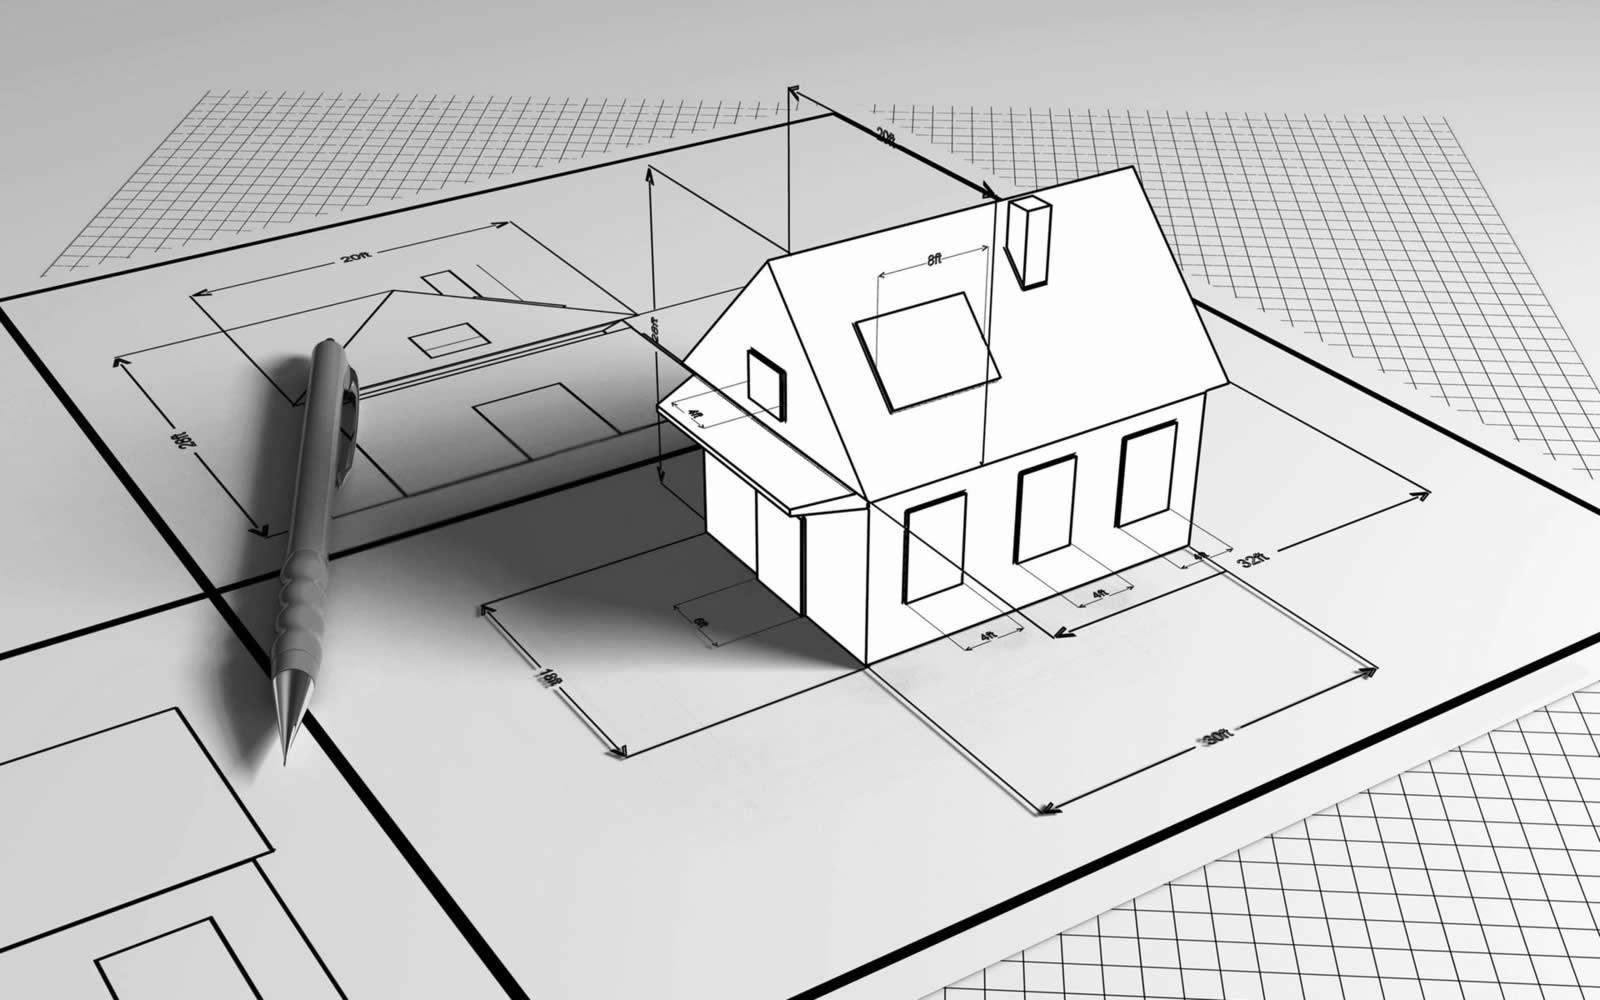 در رابطه با مقیاس نقشه های فاز 2 معماری چه اطلاعاتی دارید؟